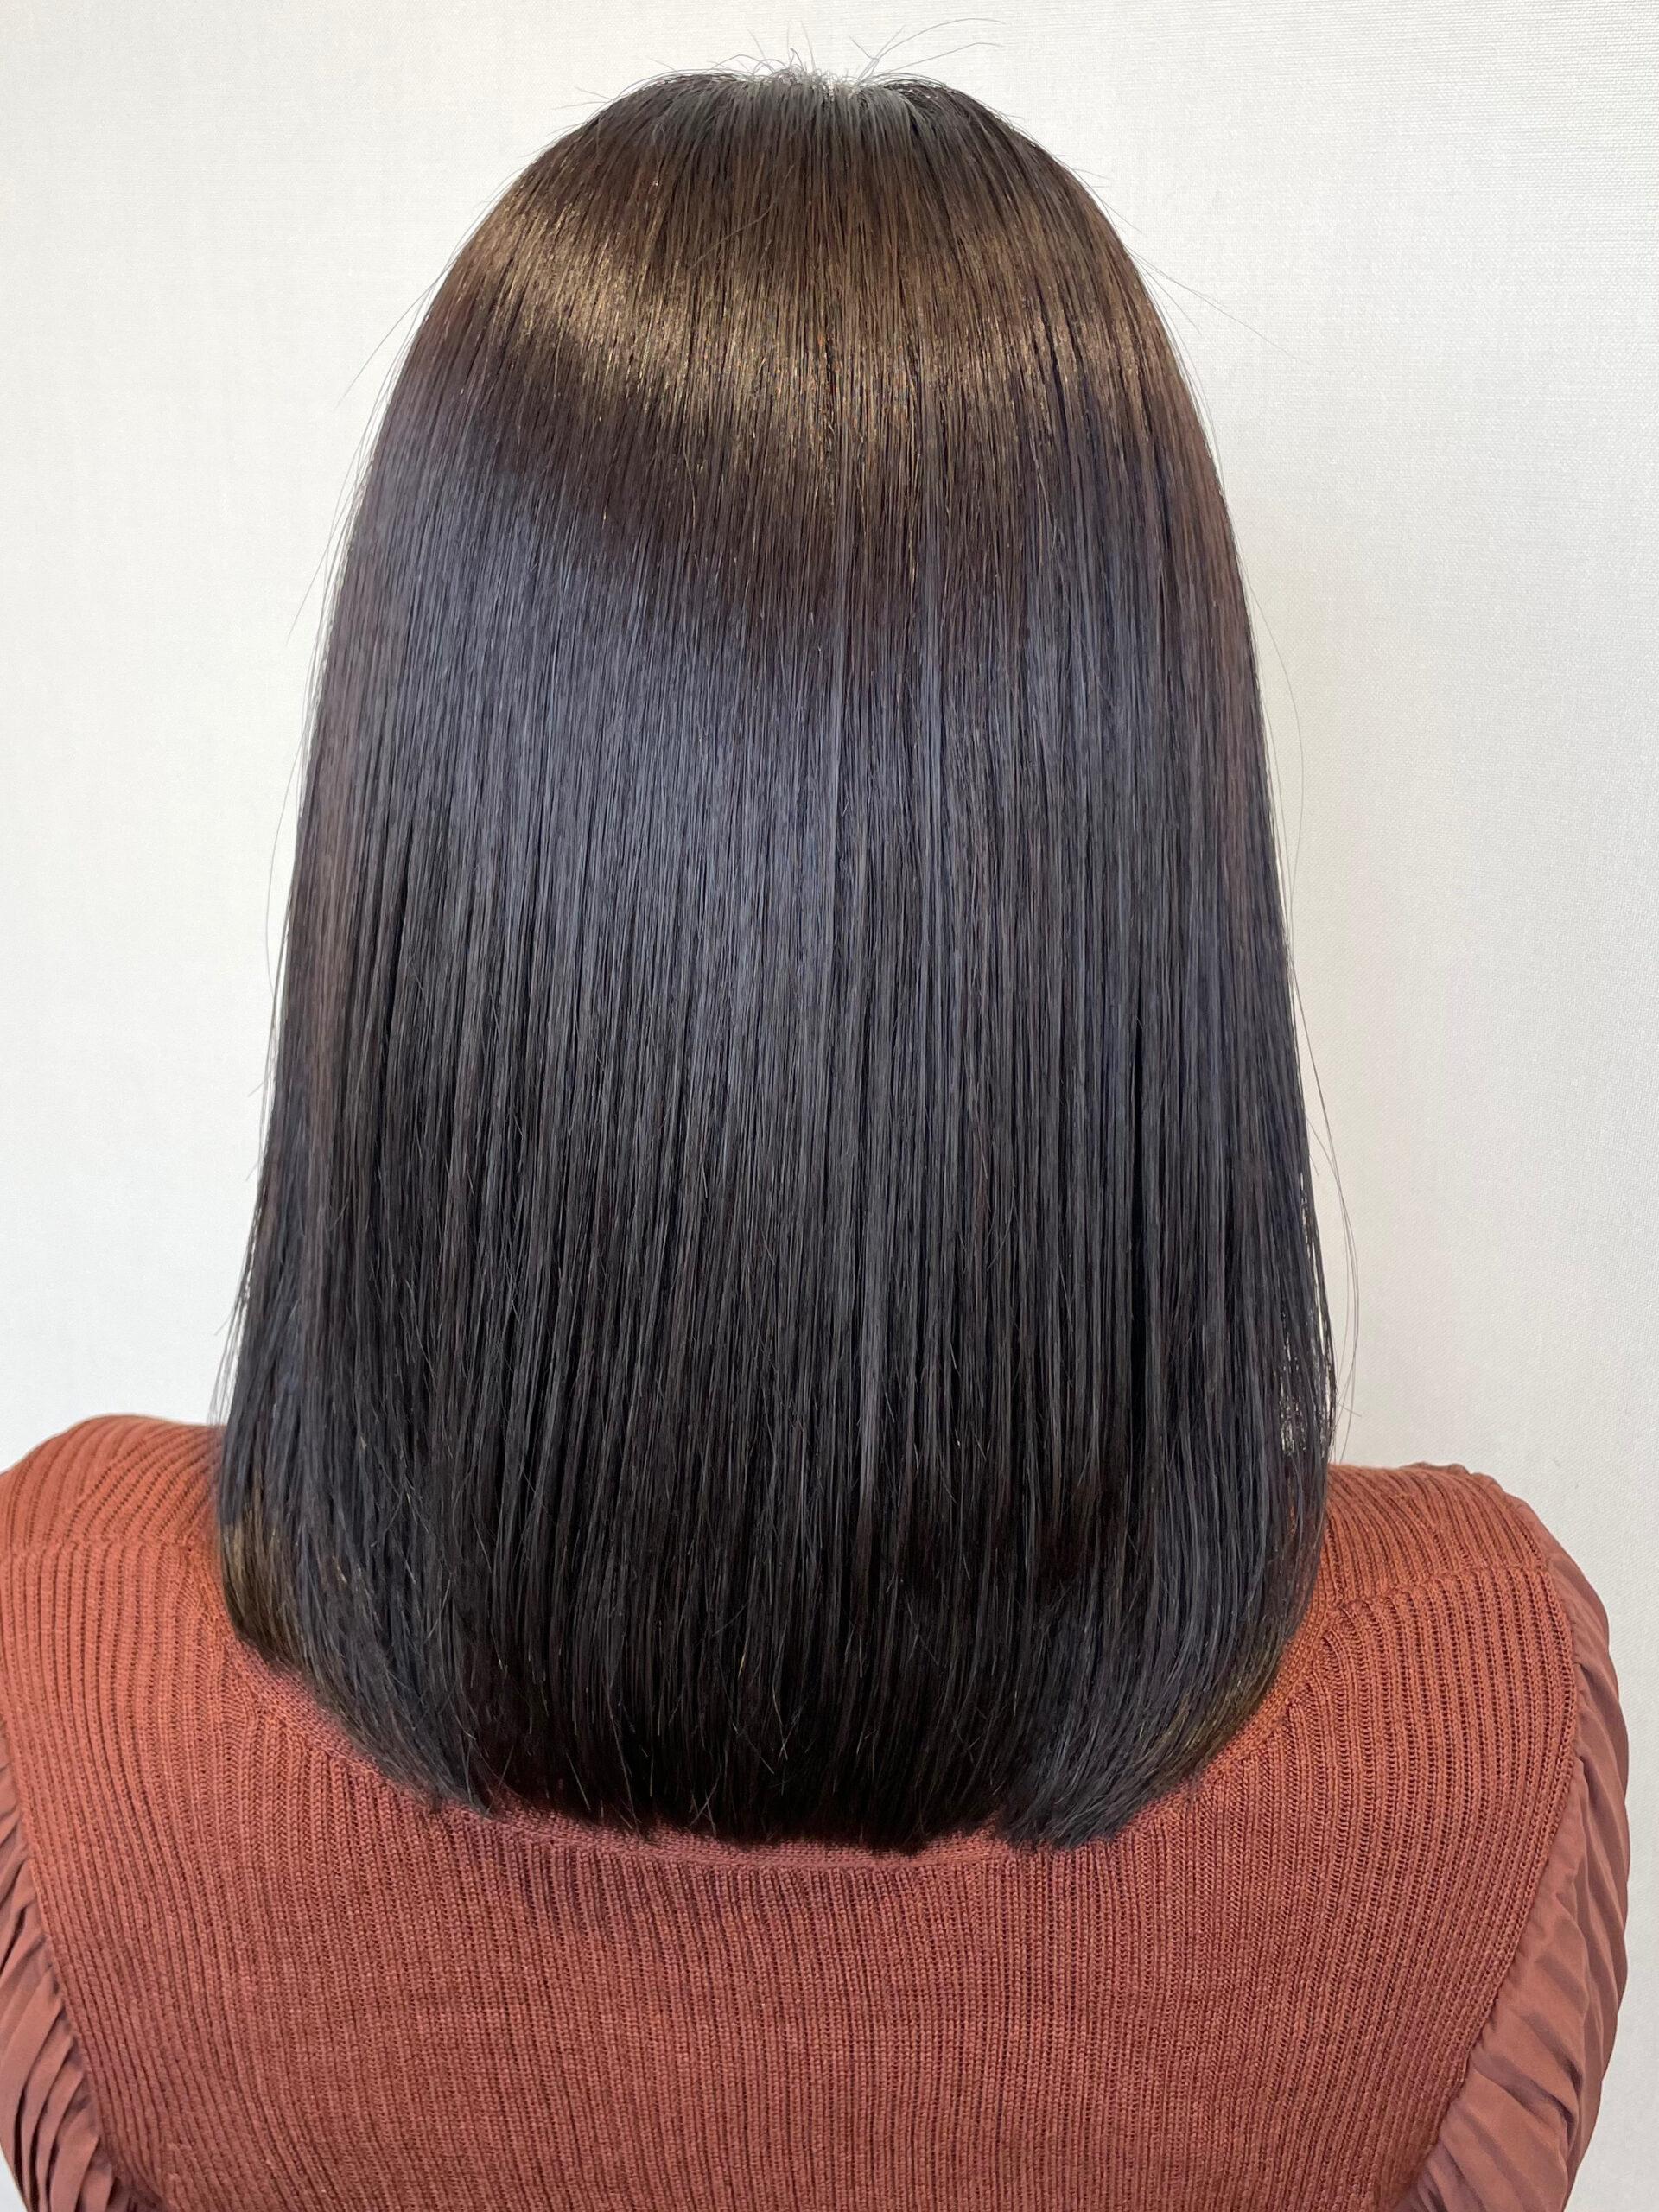 大分県別府市 髪質改善 新たなトリートメント&カラーの組み合わせでスペシャルケアの艶髪カラー アフター